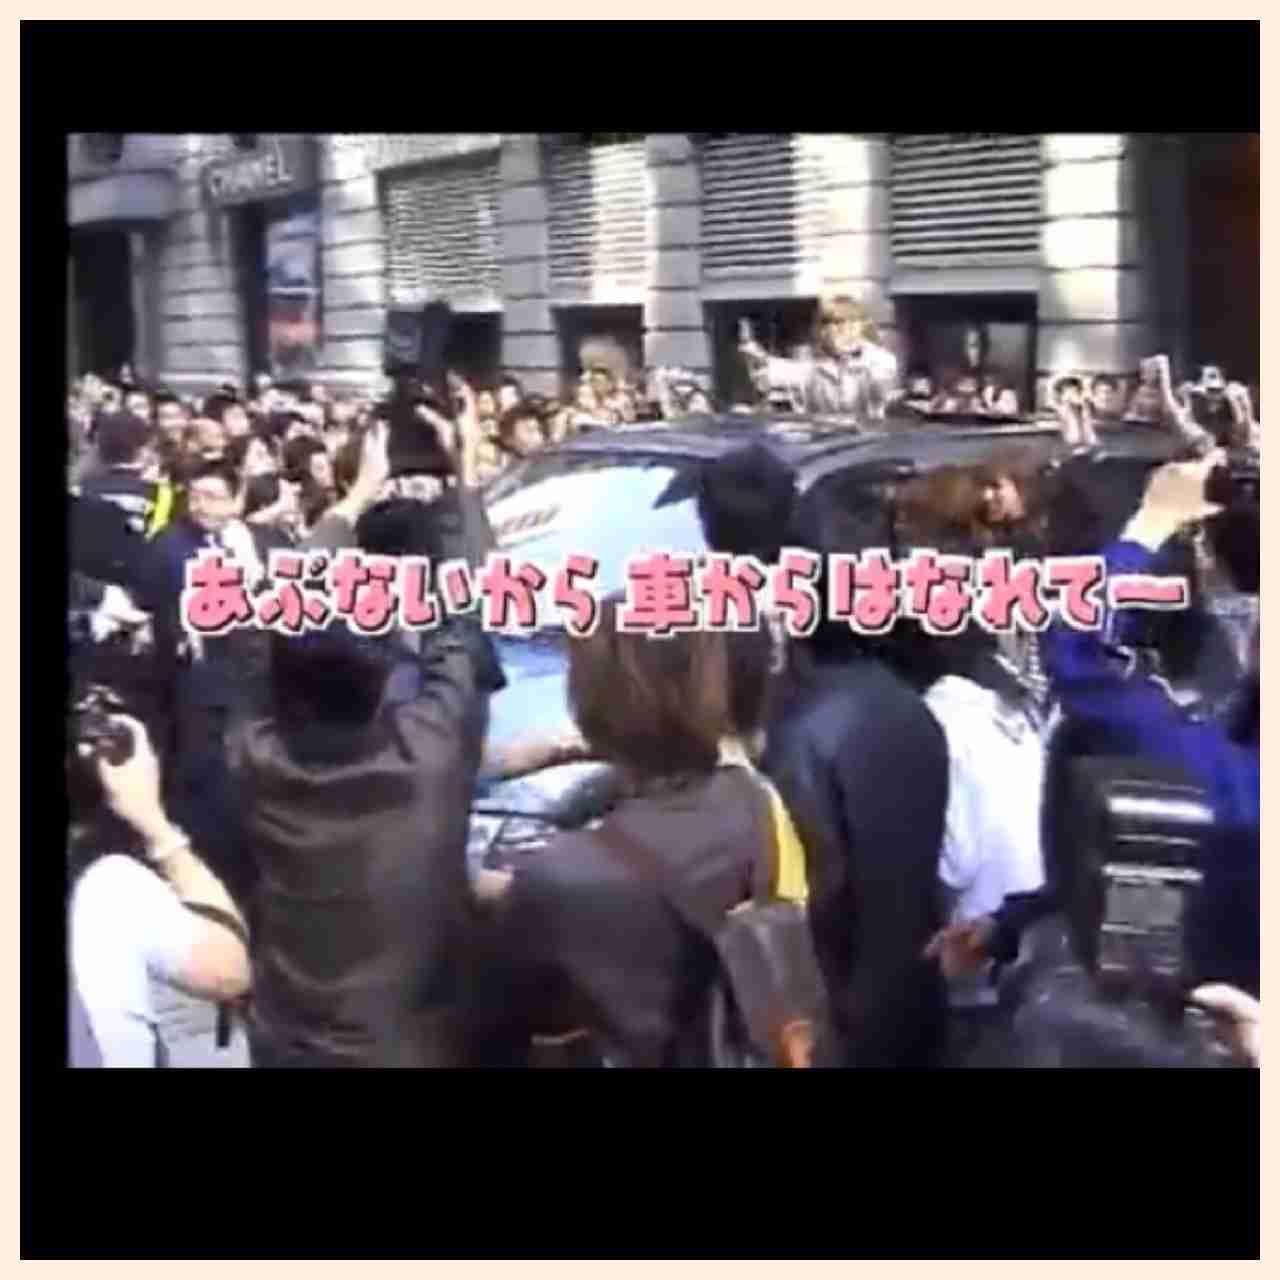 「あゆを名乗らないで」浜崎あゆみ、痛々しい行動にかつてのファンから悲鳴